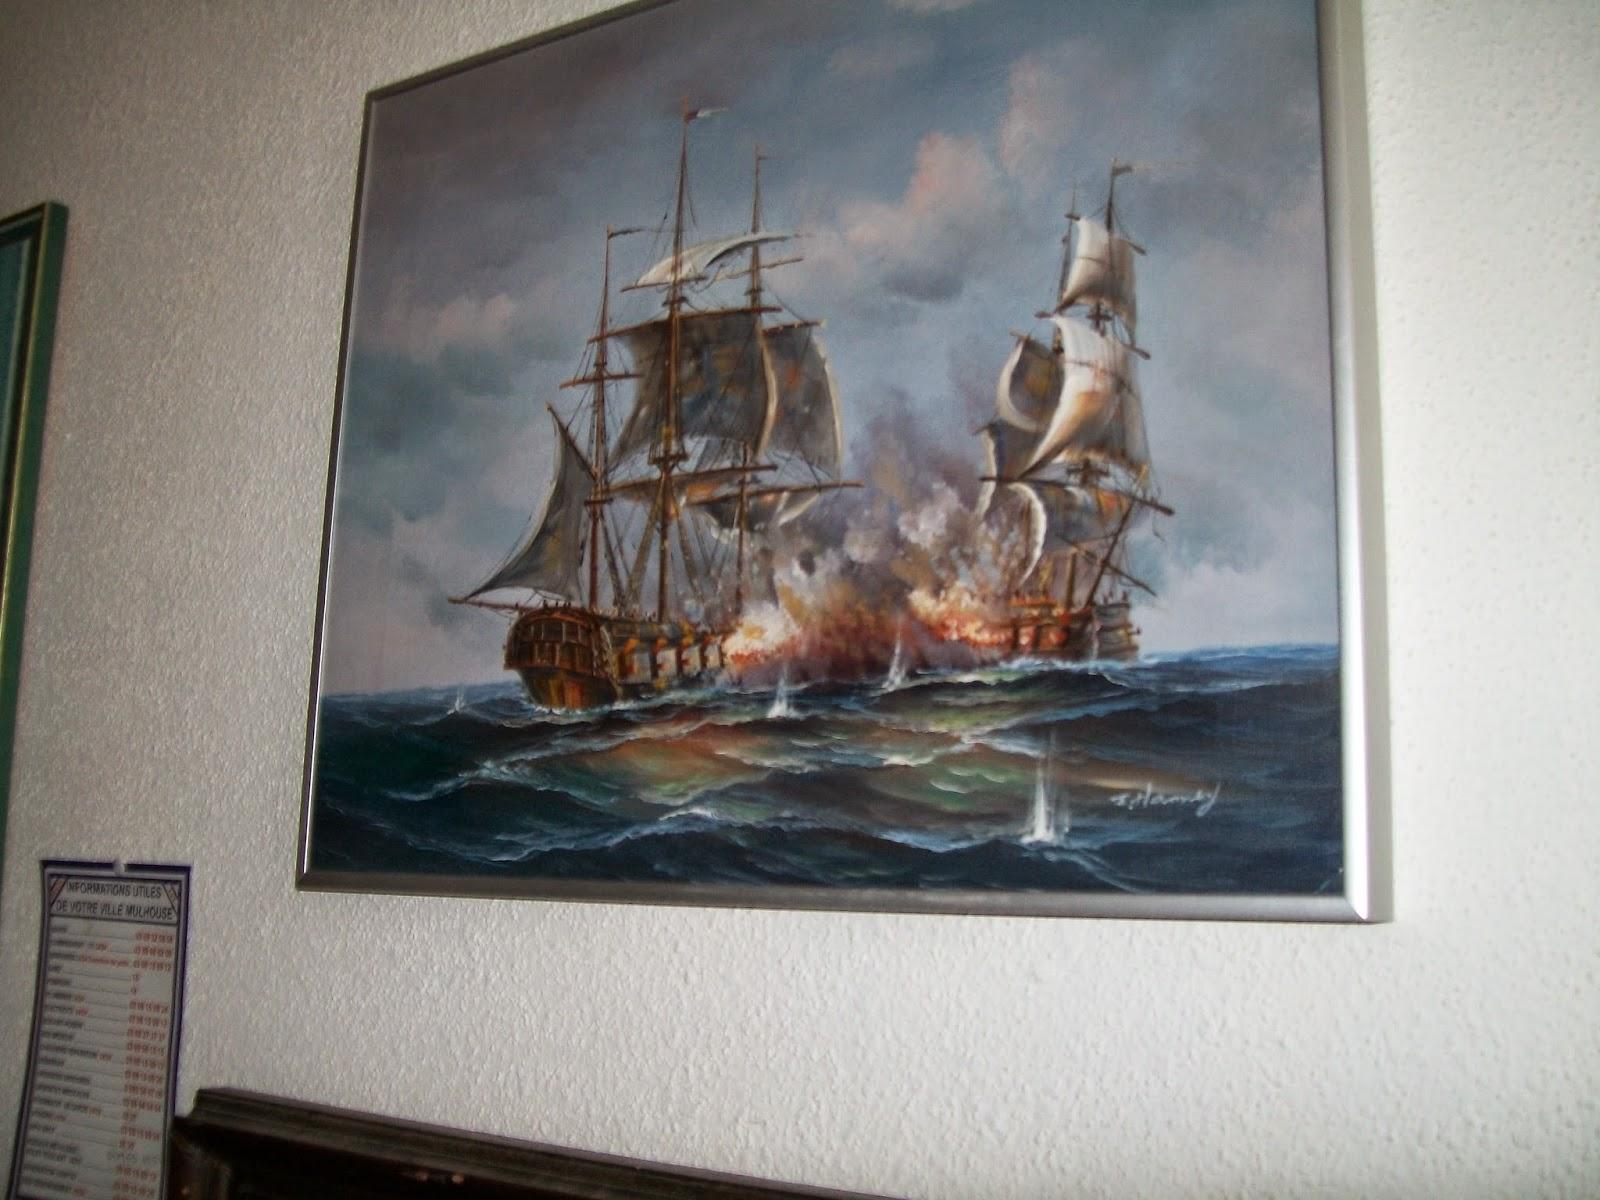 Calogilou le champi tableaux peintures hst superbe - Peintre burnett estimation ...